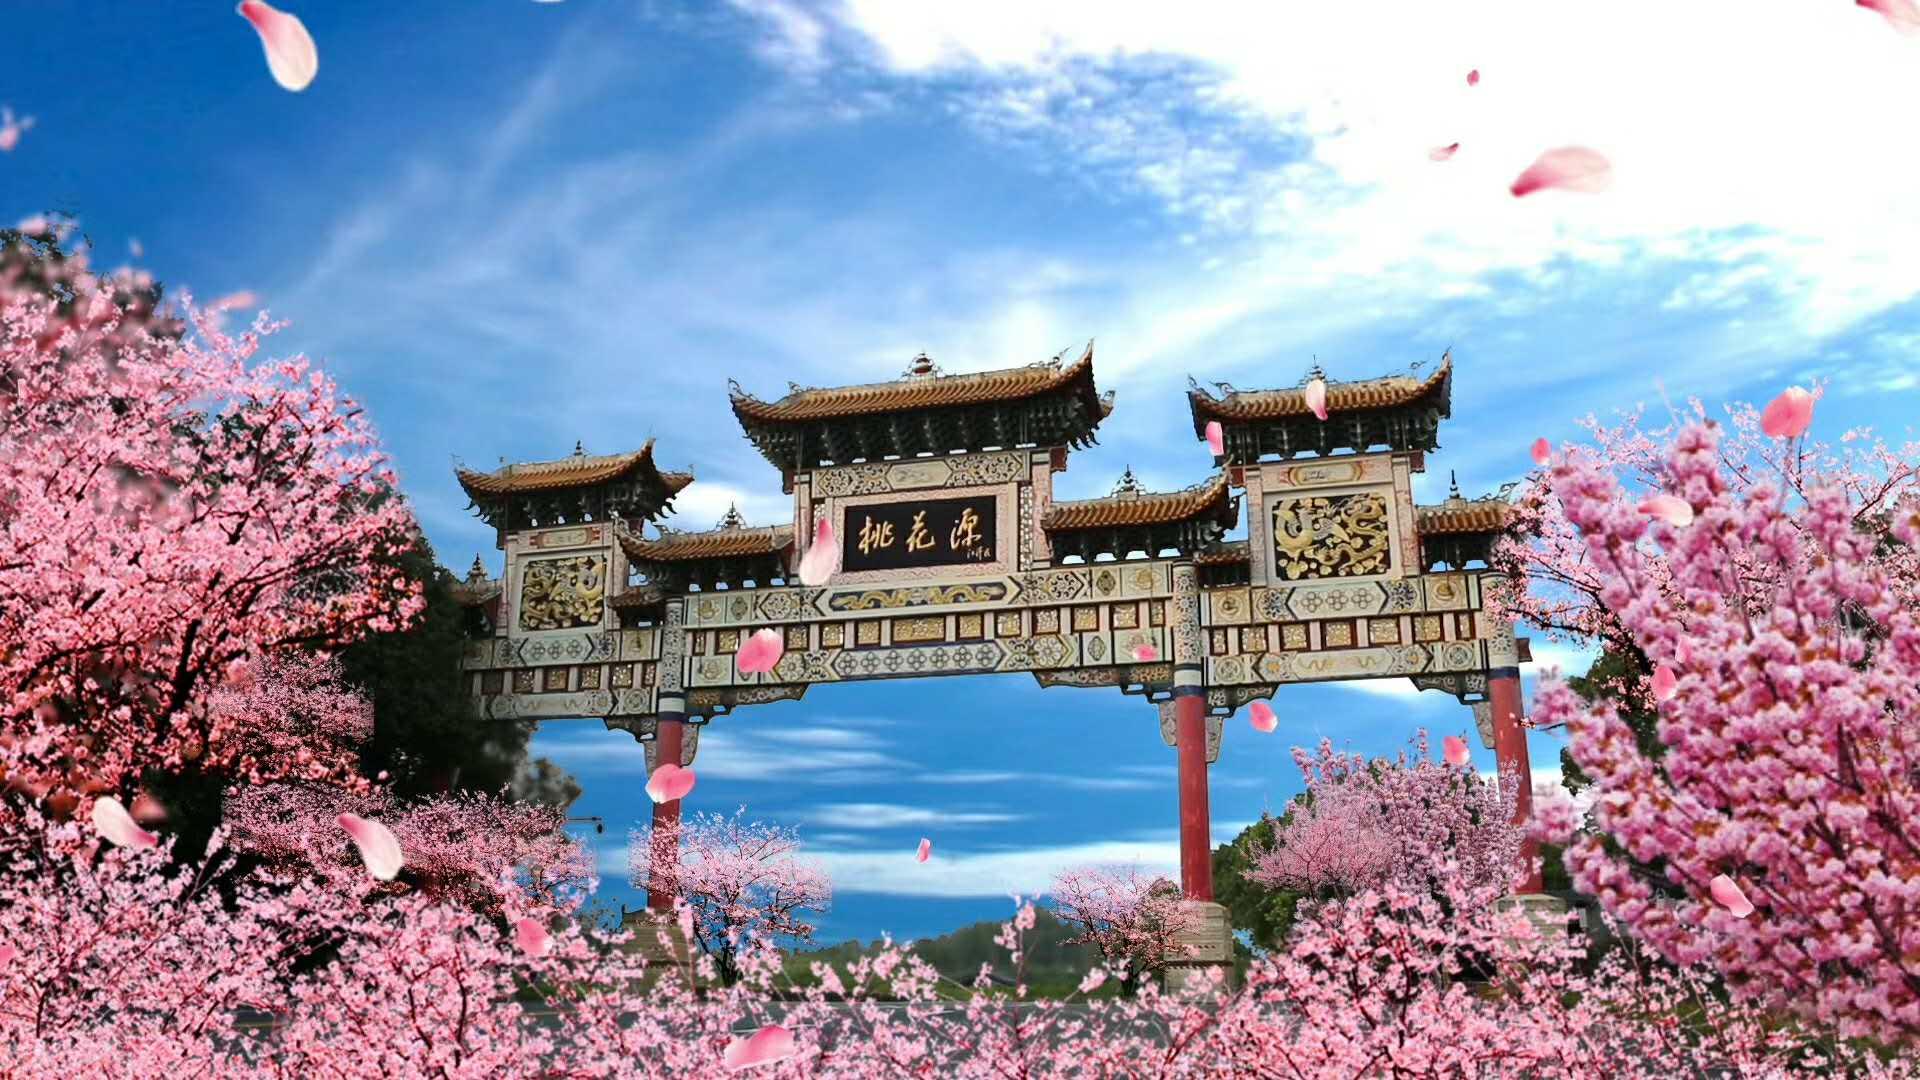 5钻 共7个景点,包含4个经典景点:桃花源 张家界大峡谷玻璃桥 矮寨大桥